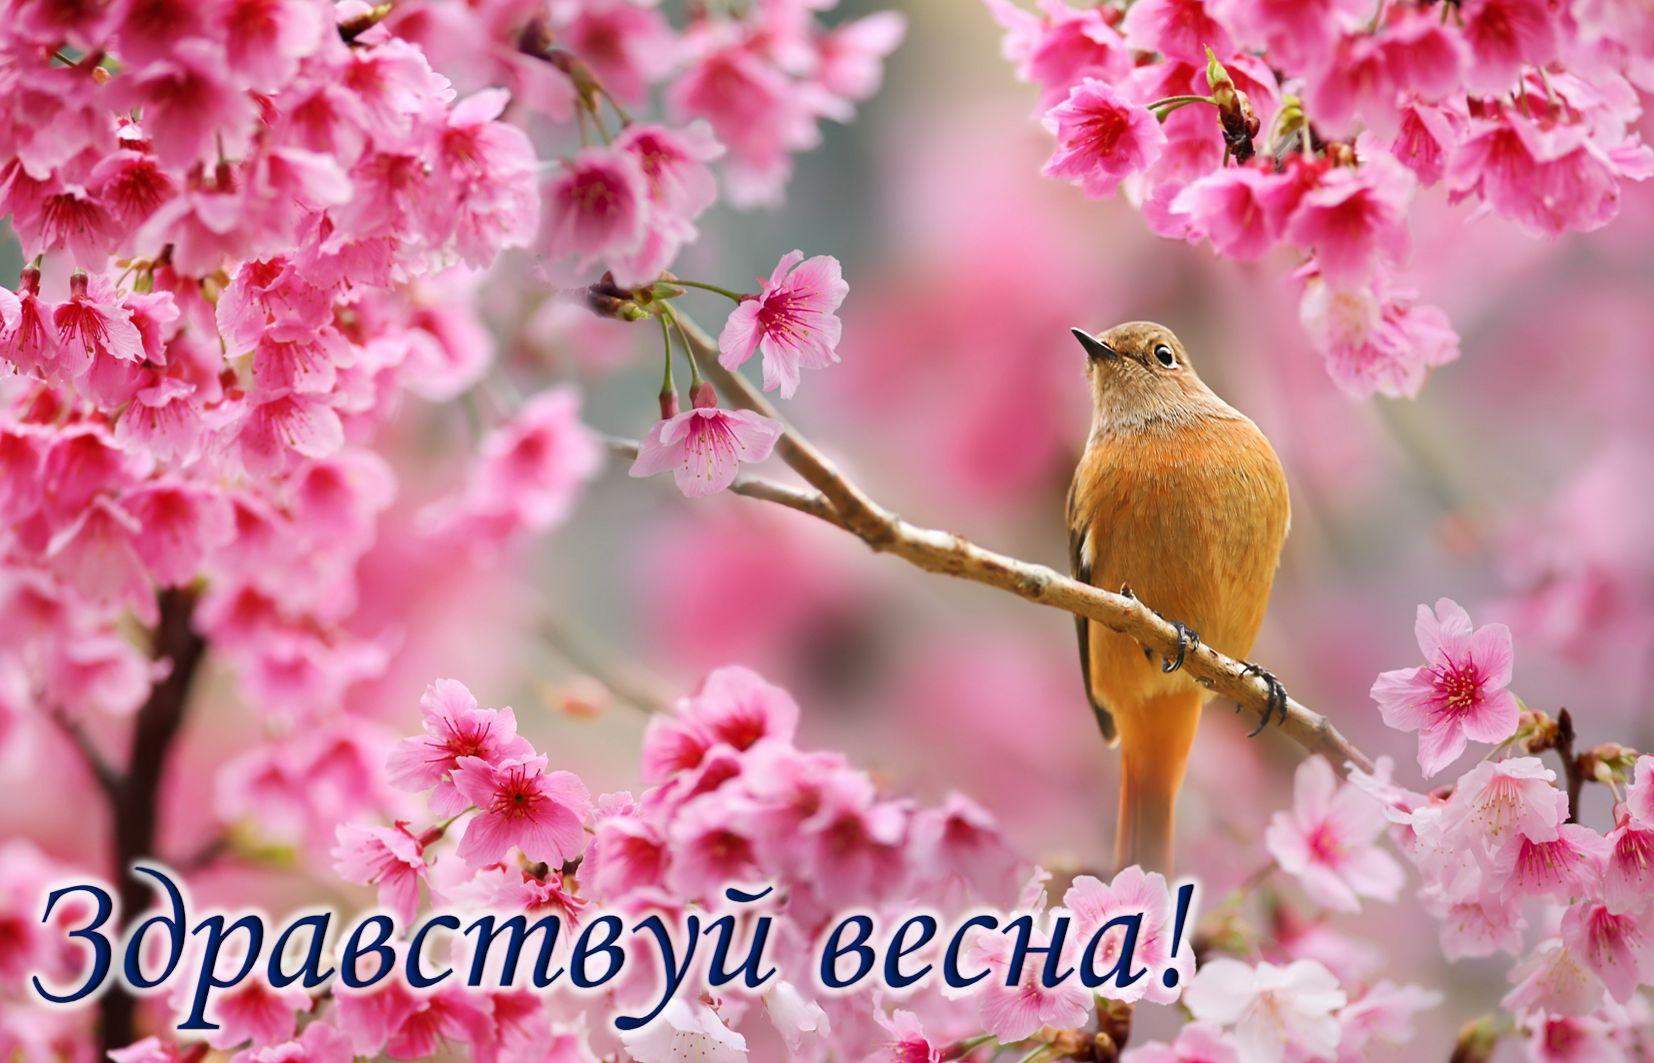 Открытка с первым днем весны - птичка на ветке среди розовых цветов